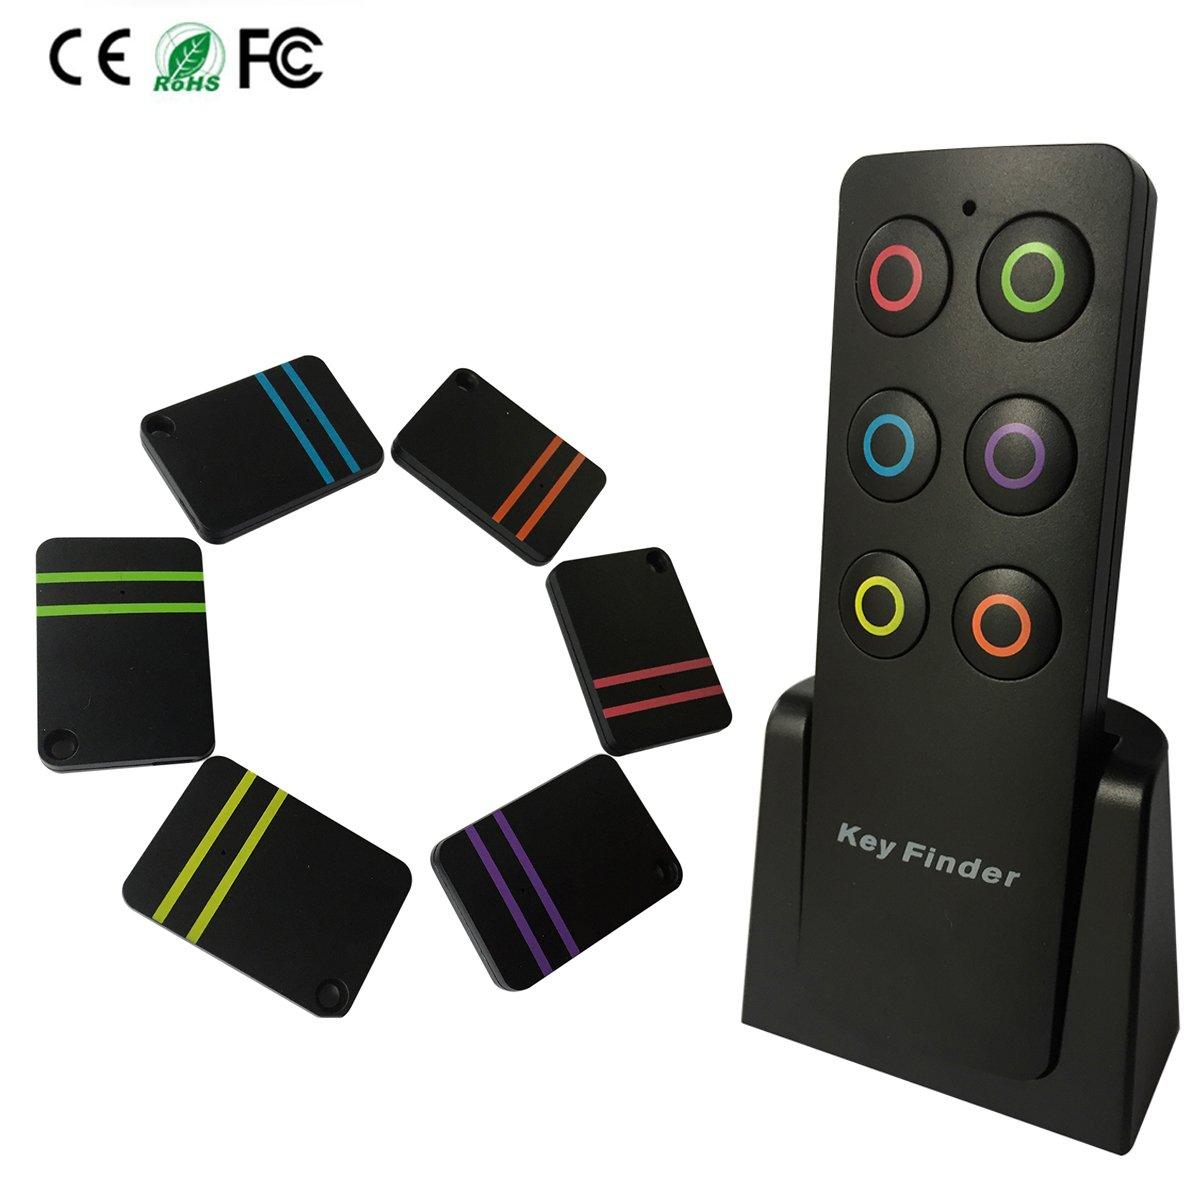 トラッカーキーファインダー、smavidaリモートファインダーロケータ失わキーチェーンキーFob車キー電話財布、1送信機with 6色分けされたFinders [バッテリー交換可能]   B07CJRWKLY